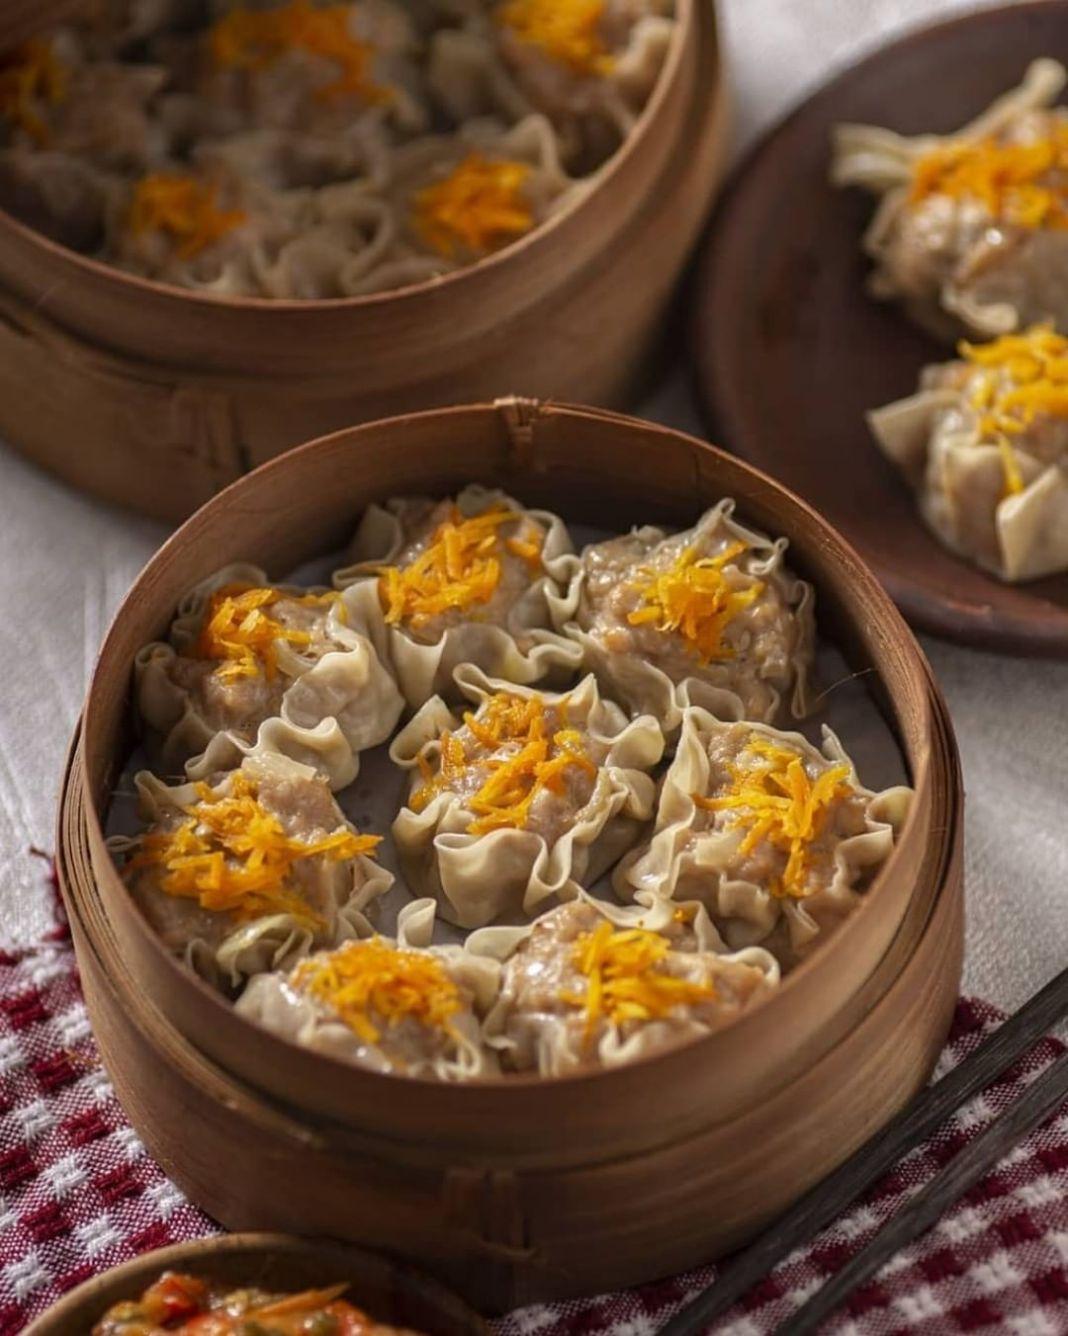 Info kuliner, Kali ini Saya bikin dimsum ayam, alhamdulilah enaakk, puas makannya krna jadi banyak   Sambelnya…